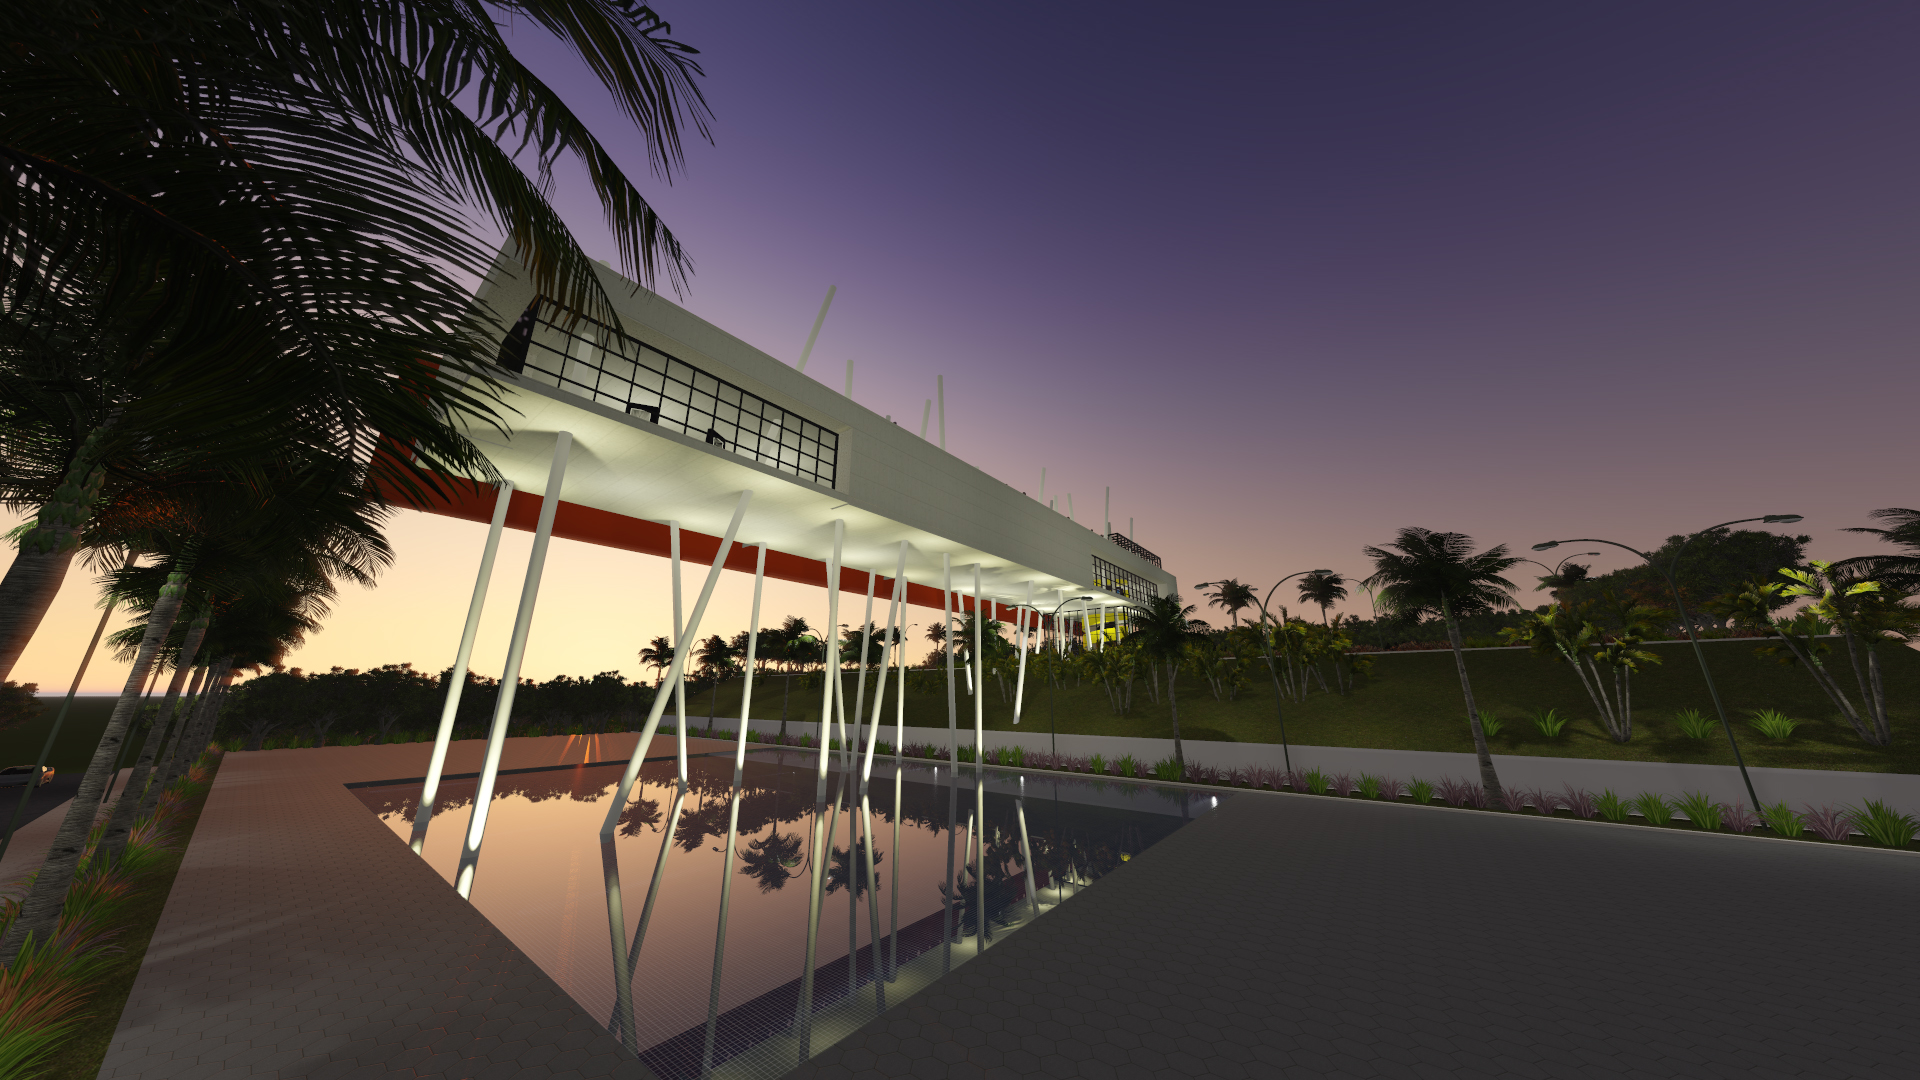 projeto-arquitetonico-museumacaiba-duo-arquitetura-01.jpg